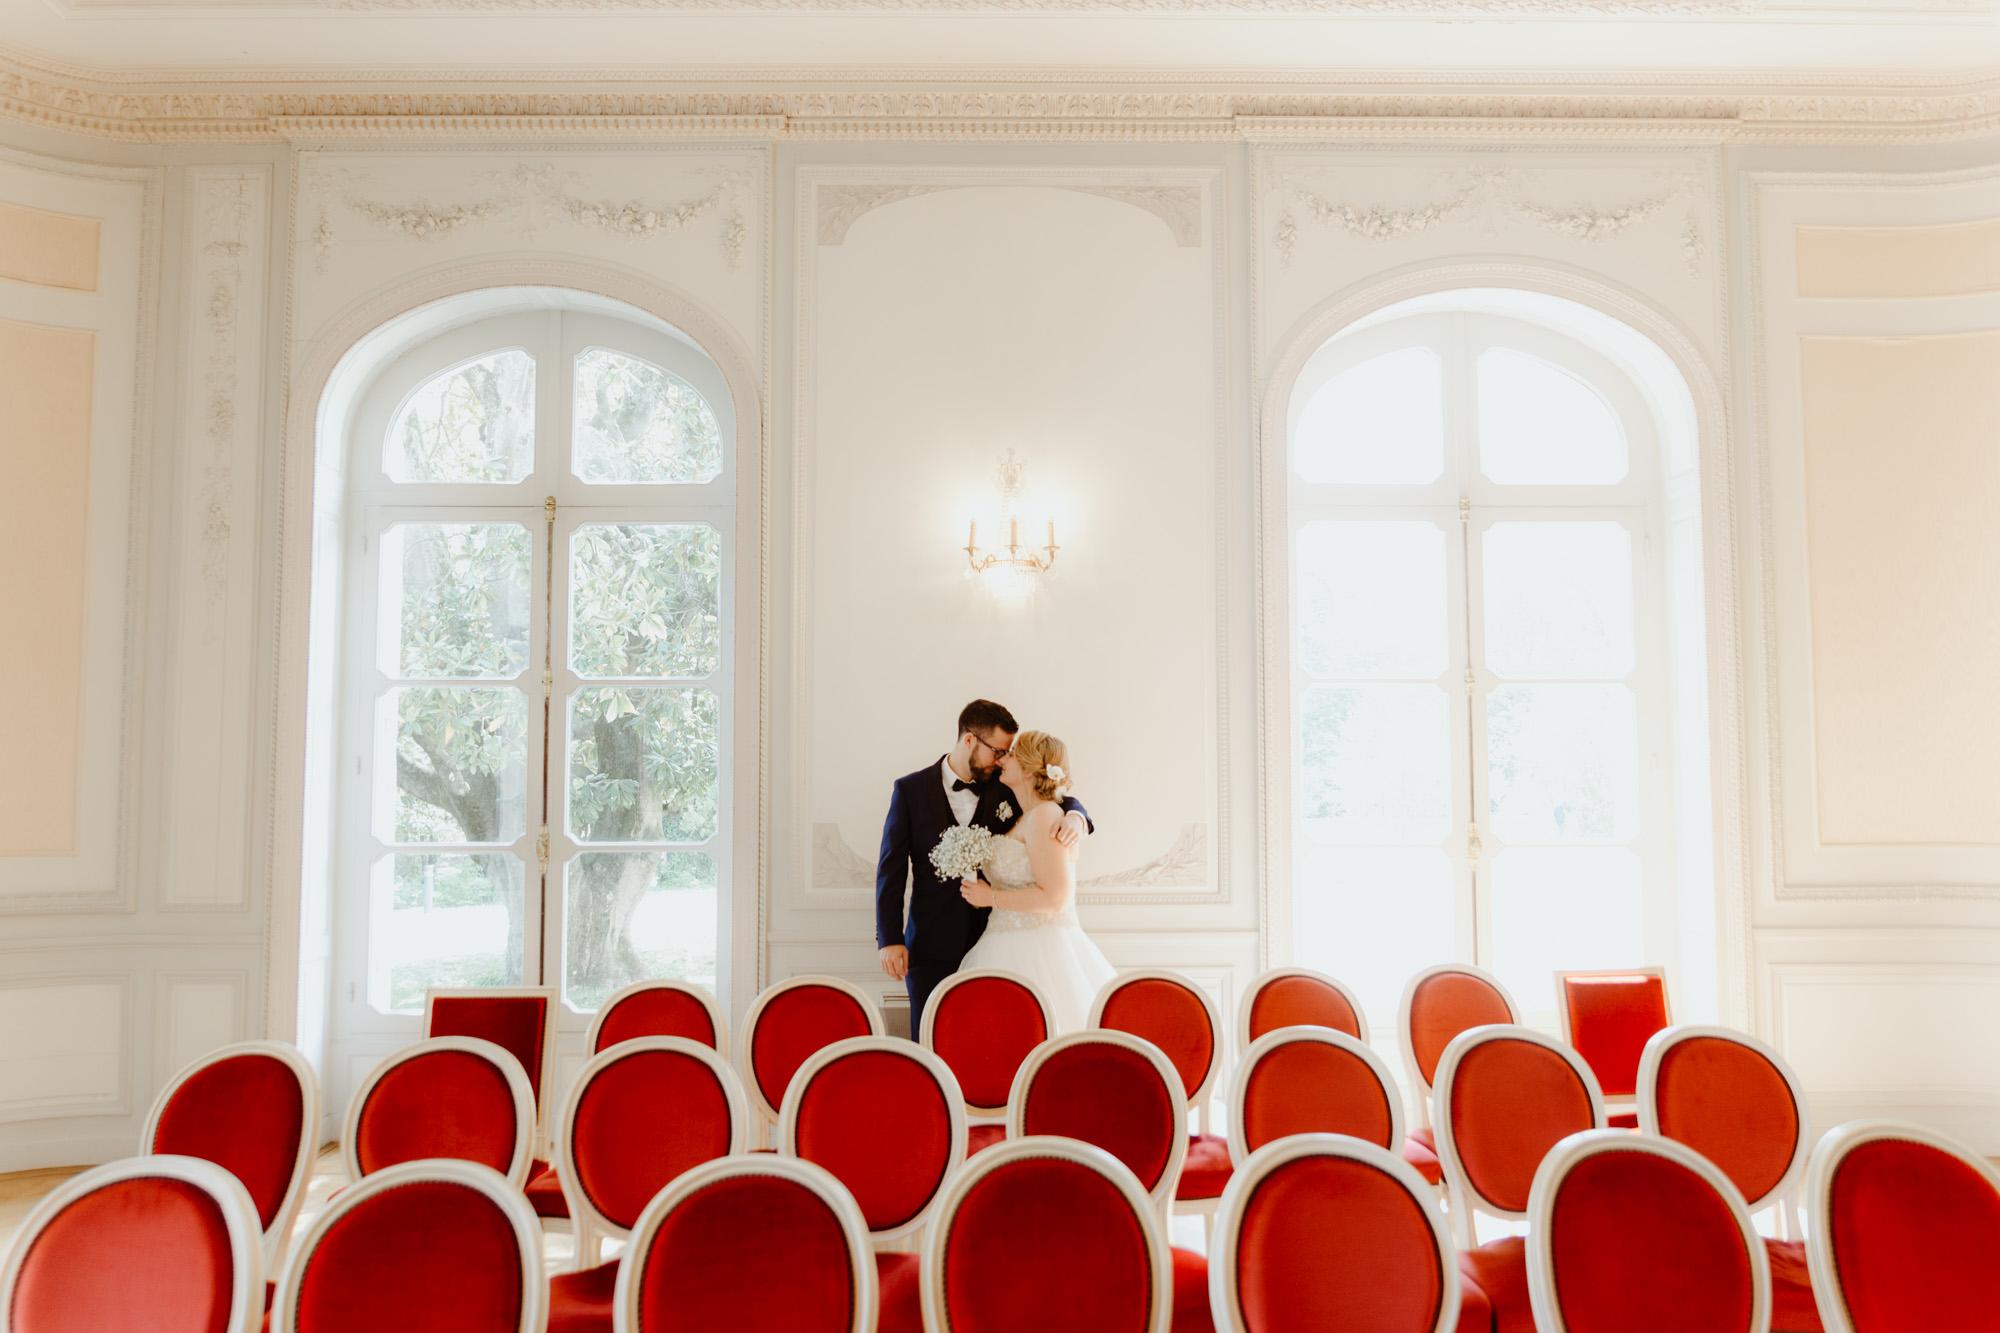 photographe-mariage-mérignac-1-7